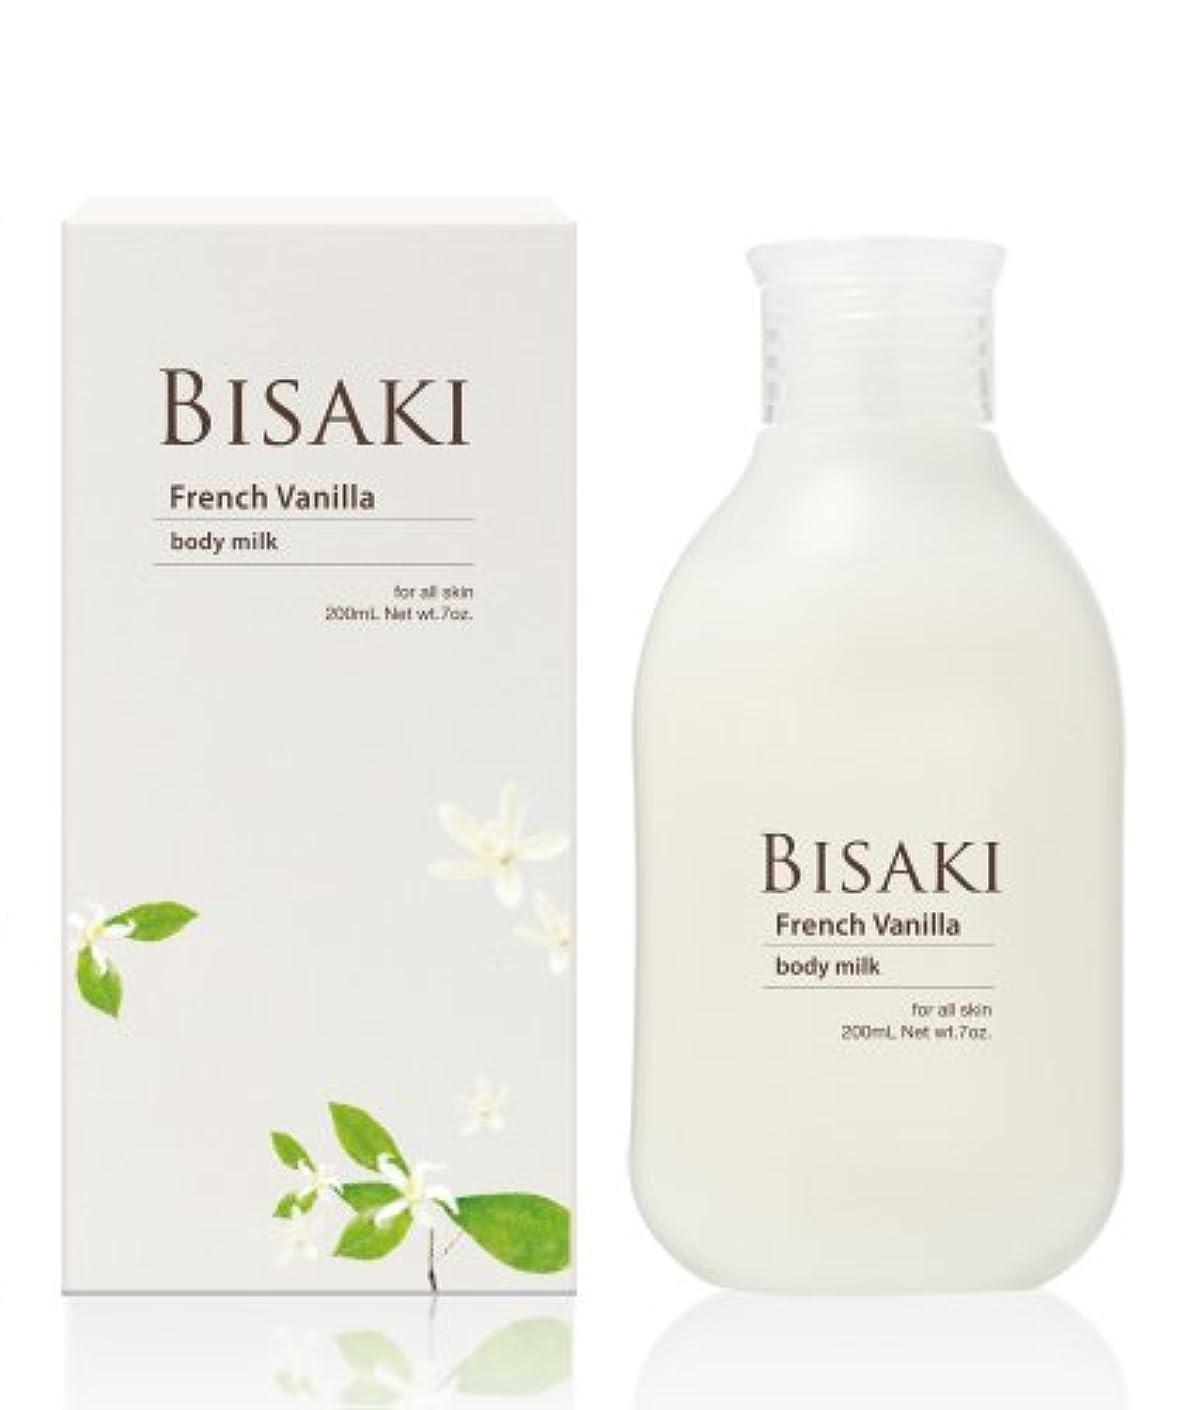 ブロック崩壊反響するBISAKI ボディミルク フレンチバニラ 200mL